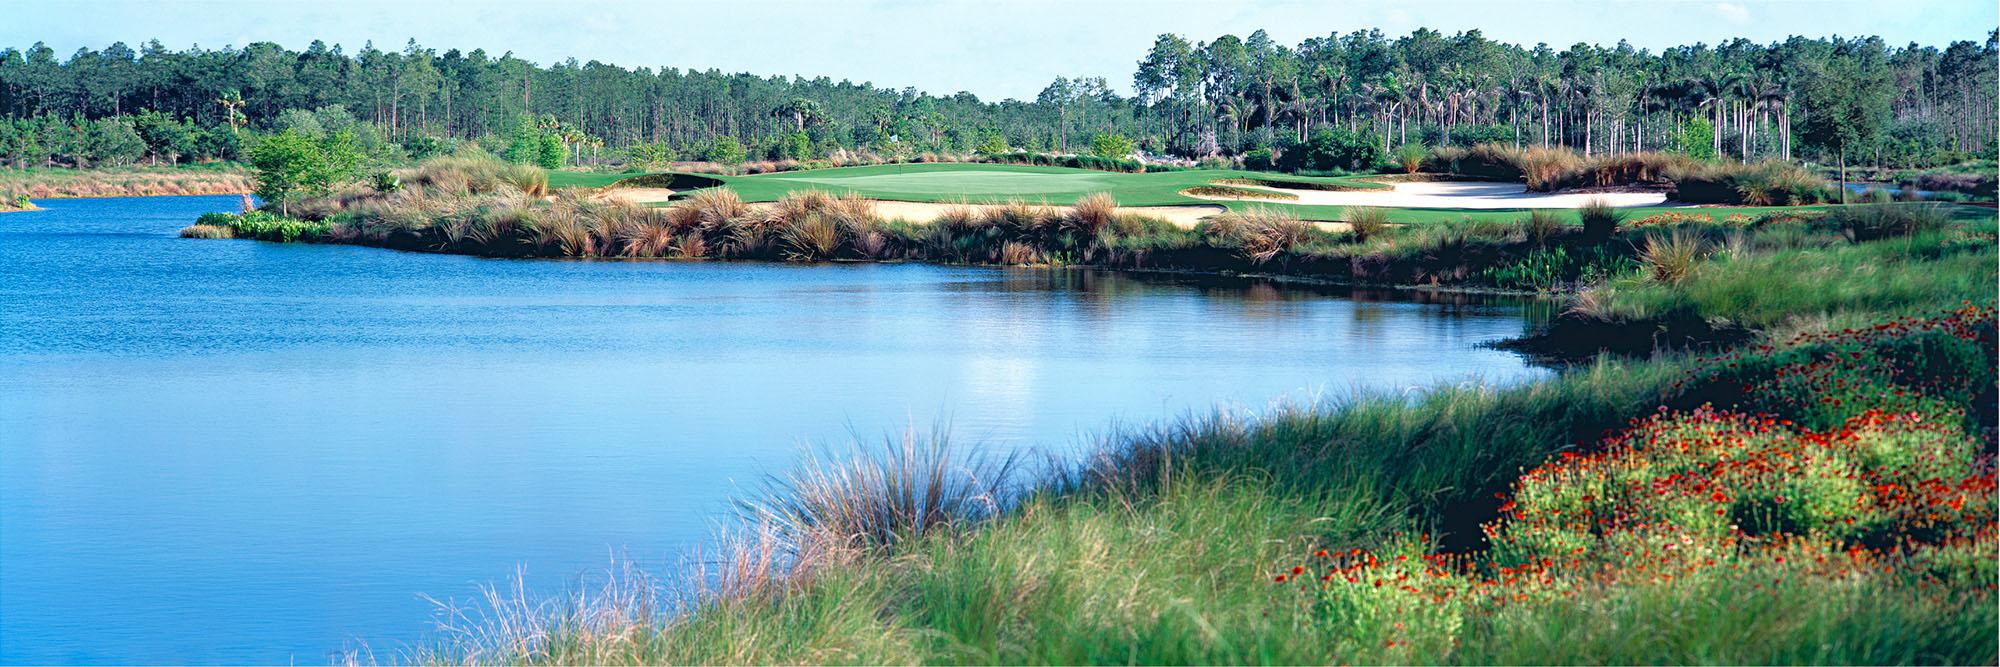 Golf Course Image - Tiburon Gold Course No. 5